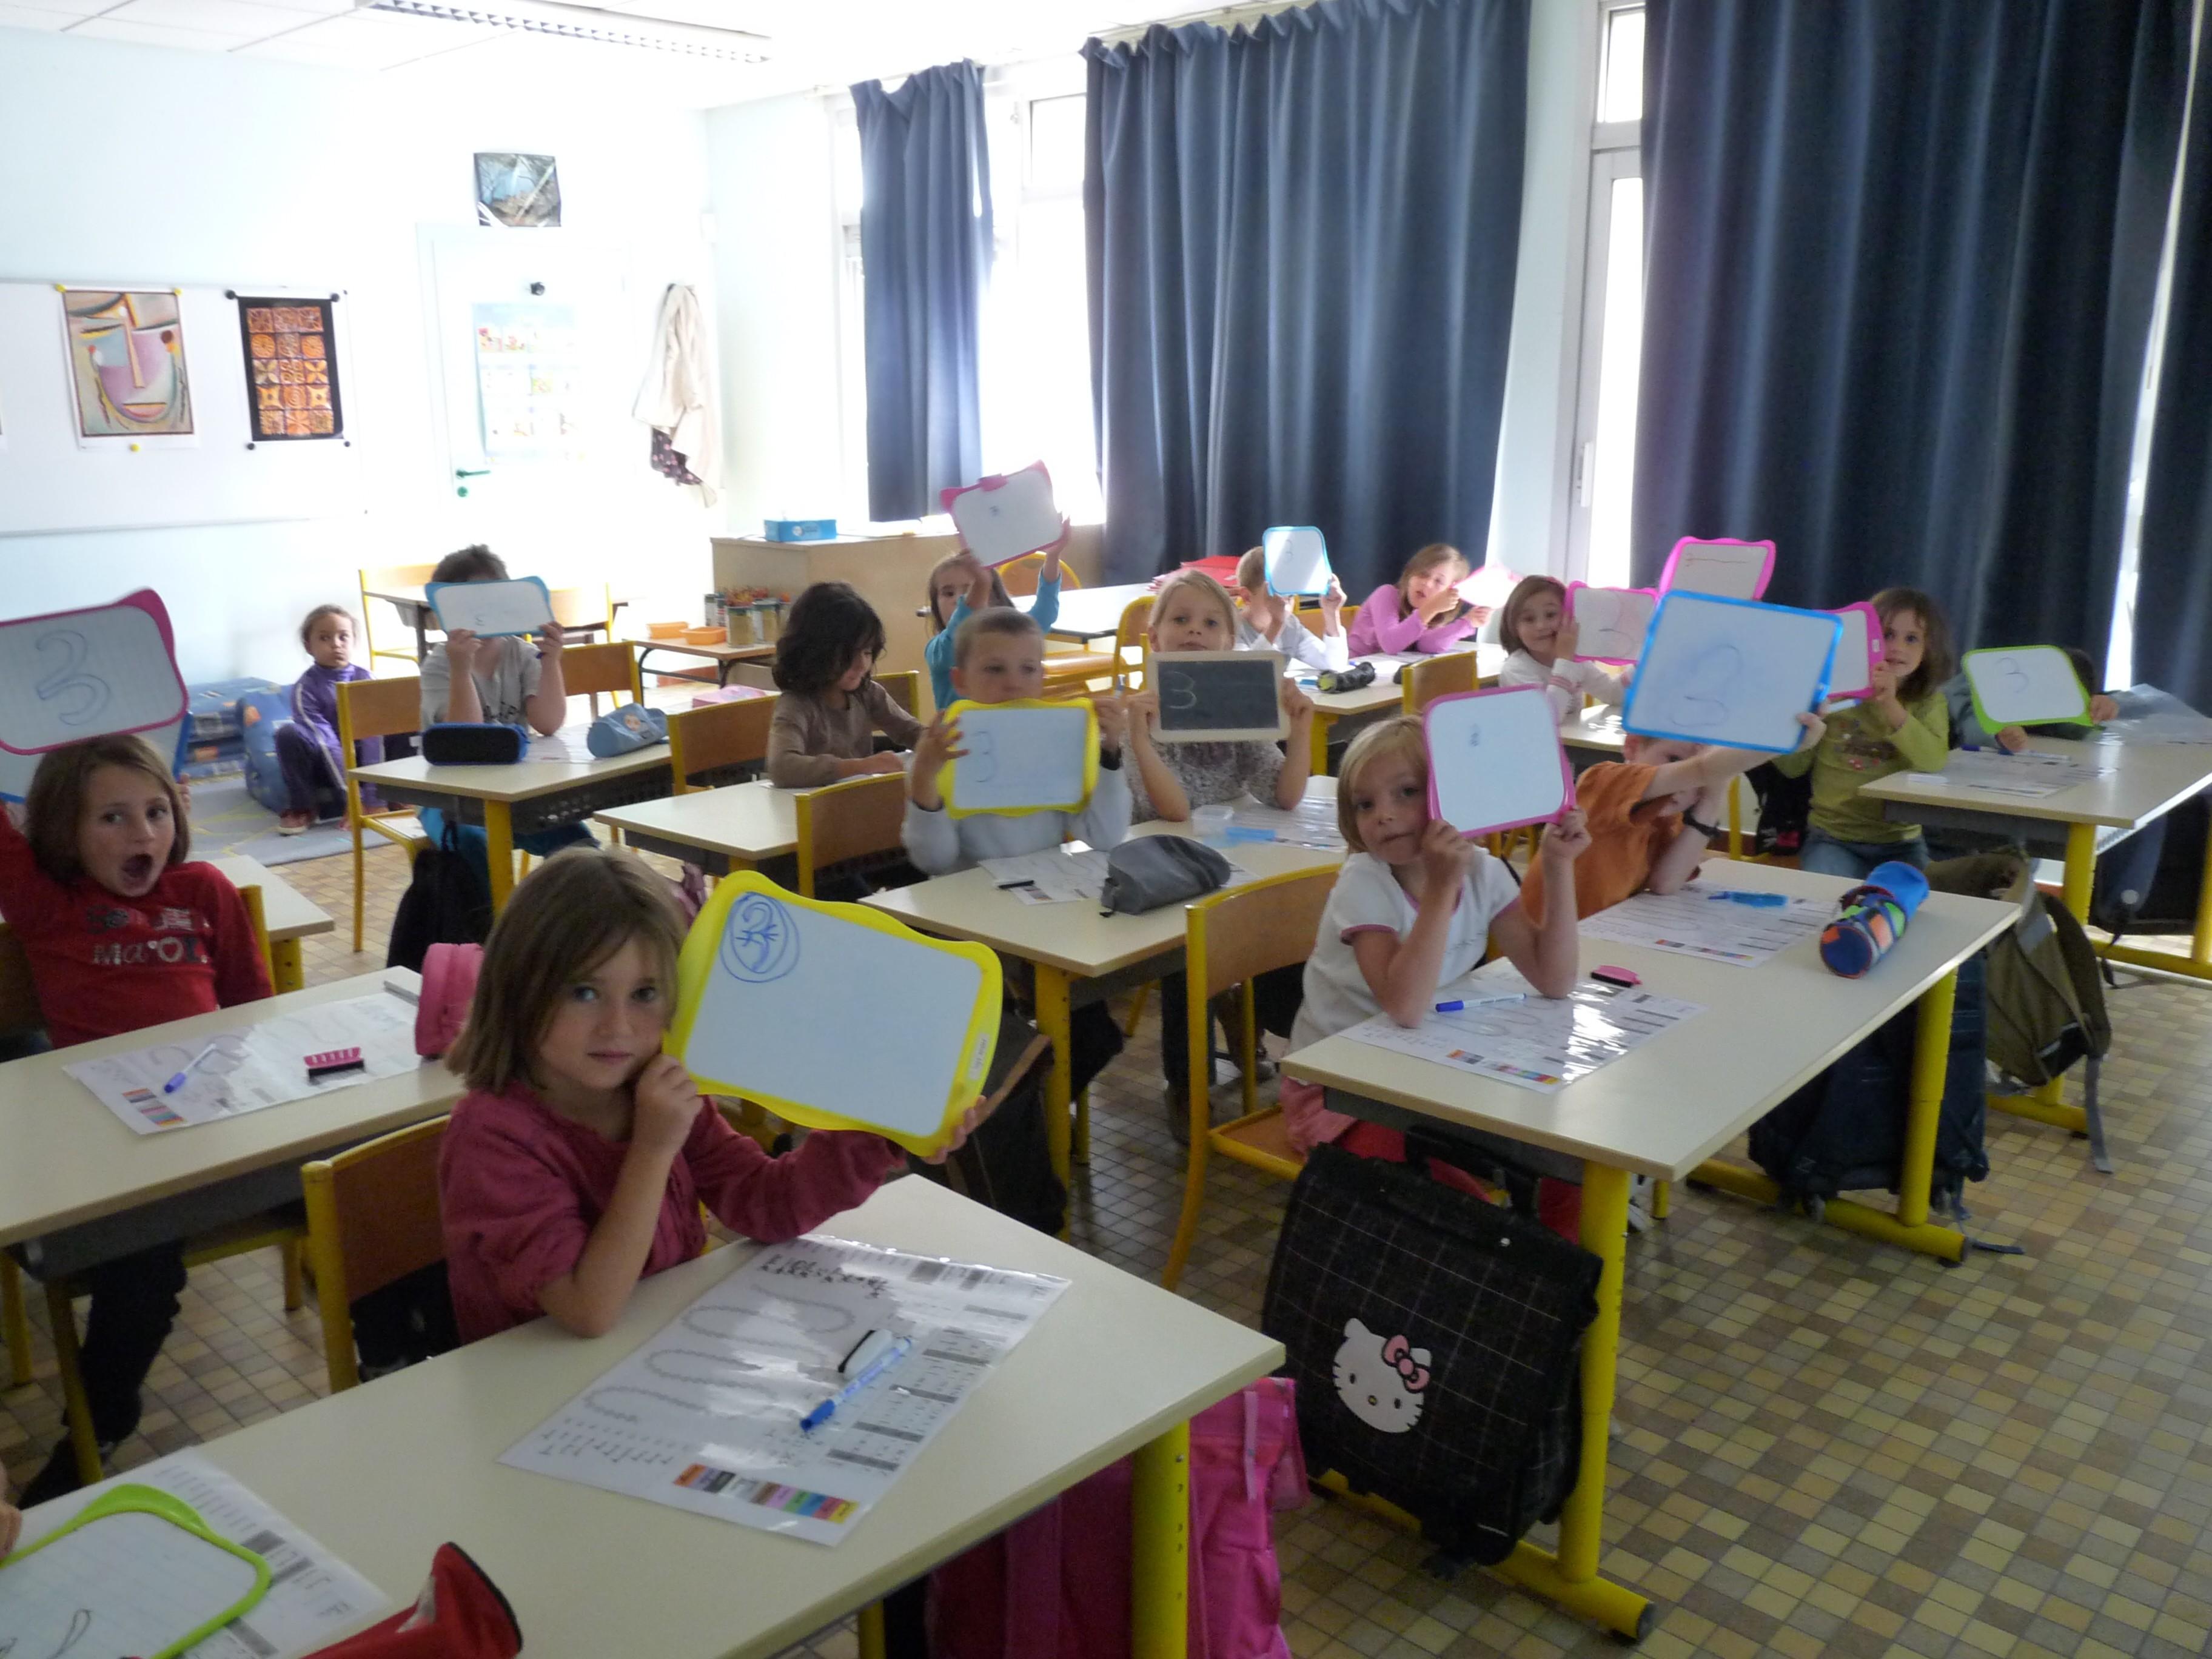 Ecole de rouziers de touraine une journ e avec les cp for Calcul classe energetique maison